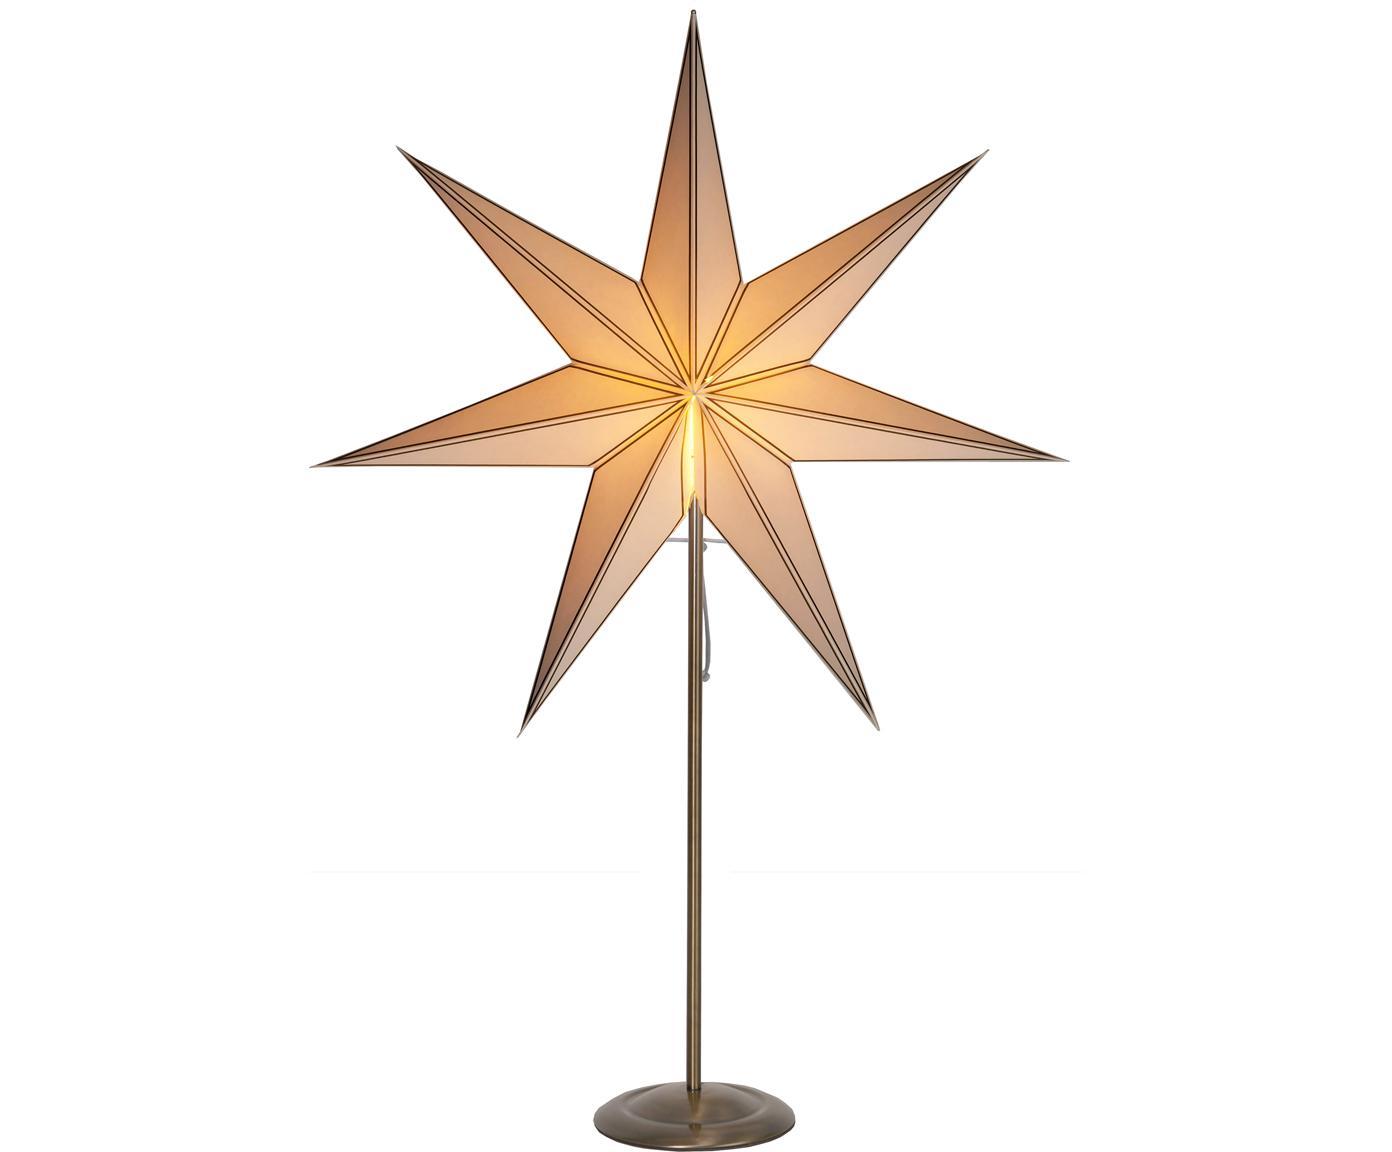 Leuchtobjekt Nicolas, mit Stecker, Lampenschirm: Papier, Lampenfuß: Metall, beschichtet, Beige, Messingfarben mit Antik-Finish, 60 x 90 cm